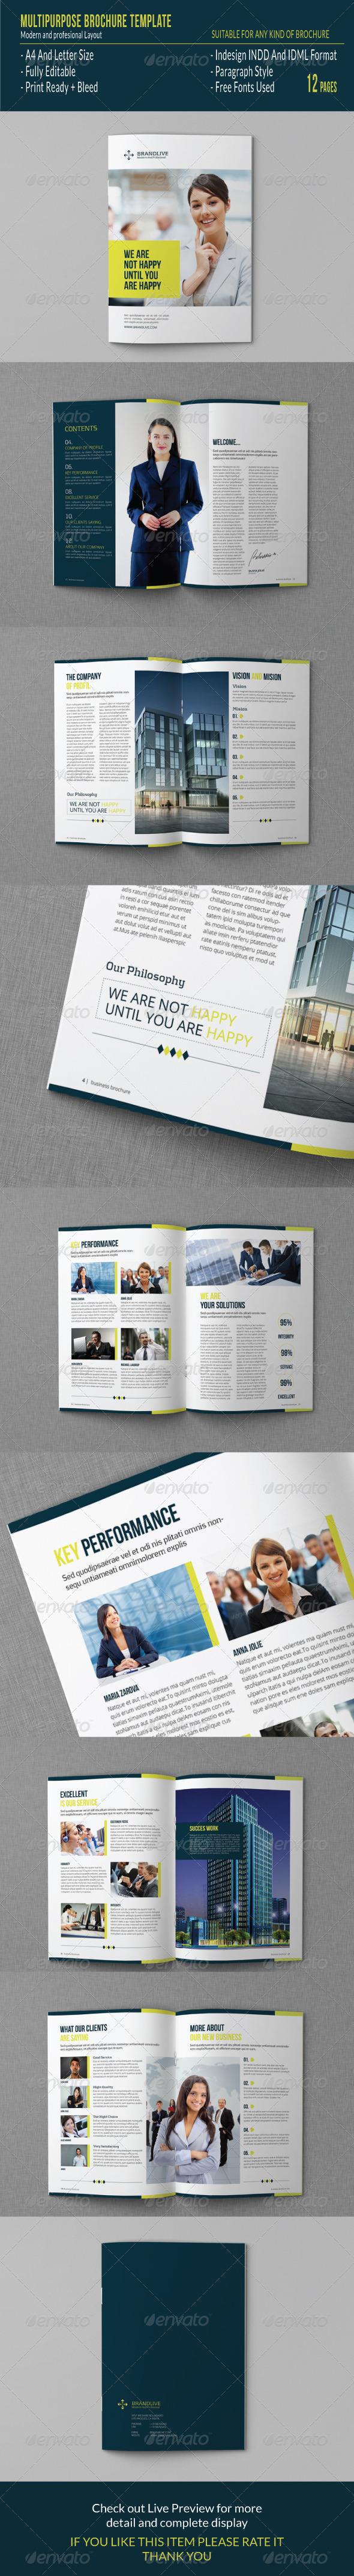 GraphicRiver Multipurpose Brochure Template 7487015